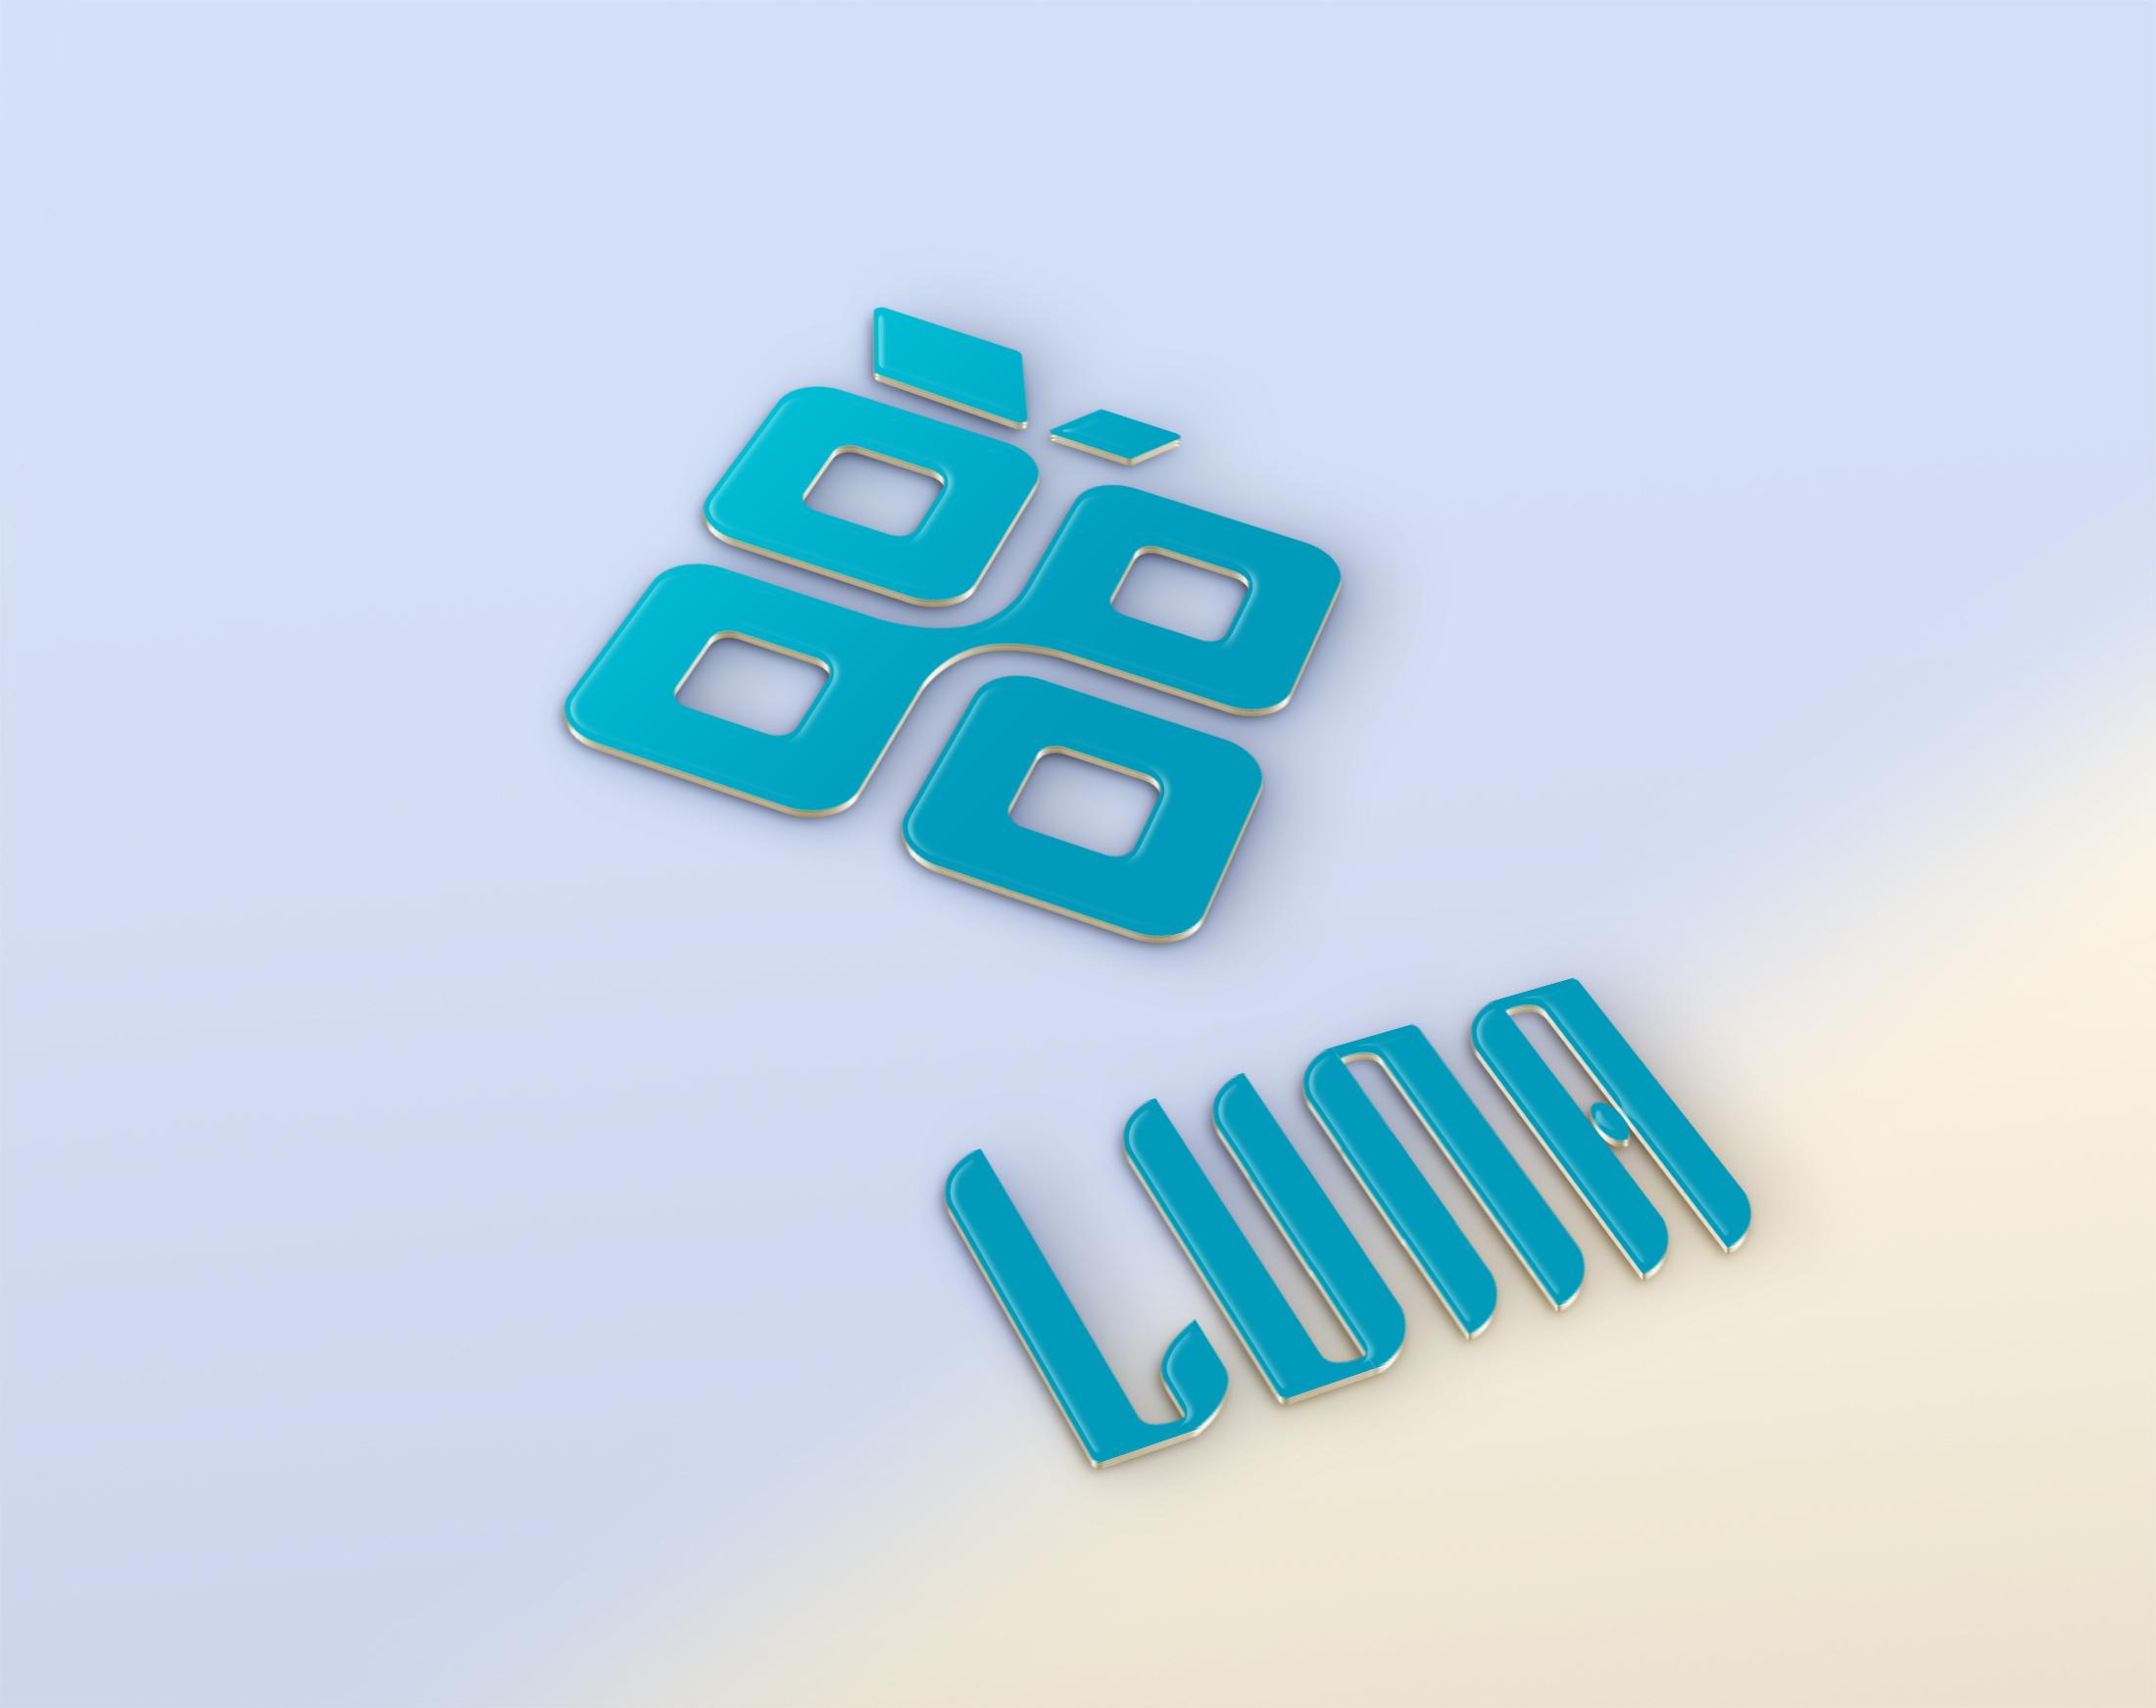 Логотип для столового серебра и посуды из серебра фото f_7325bafe79d078c0.jpg